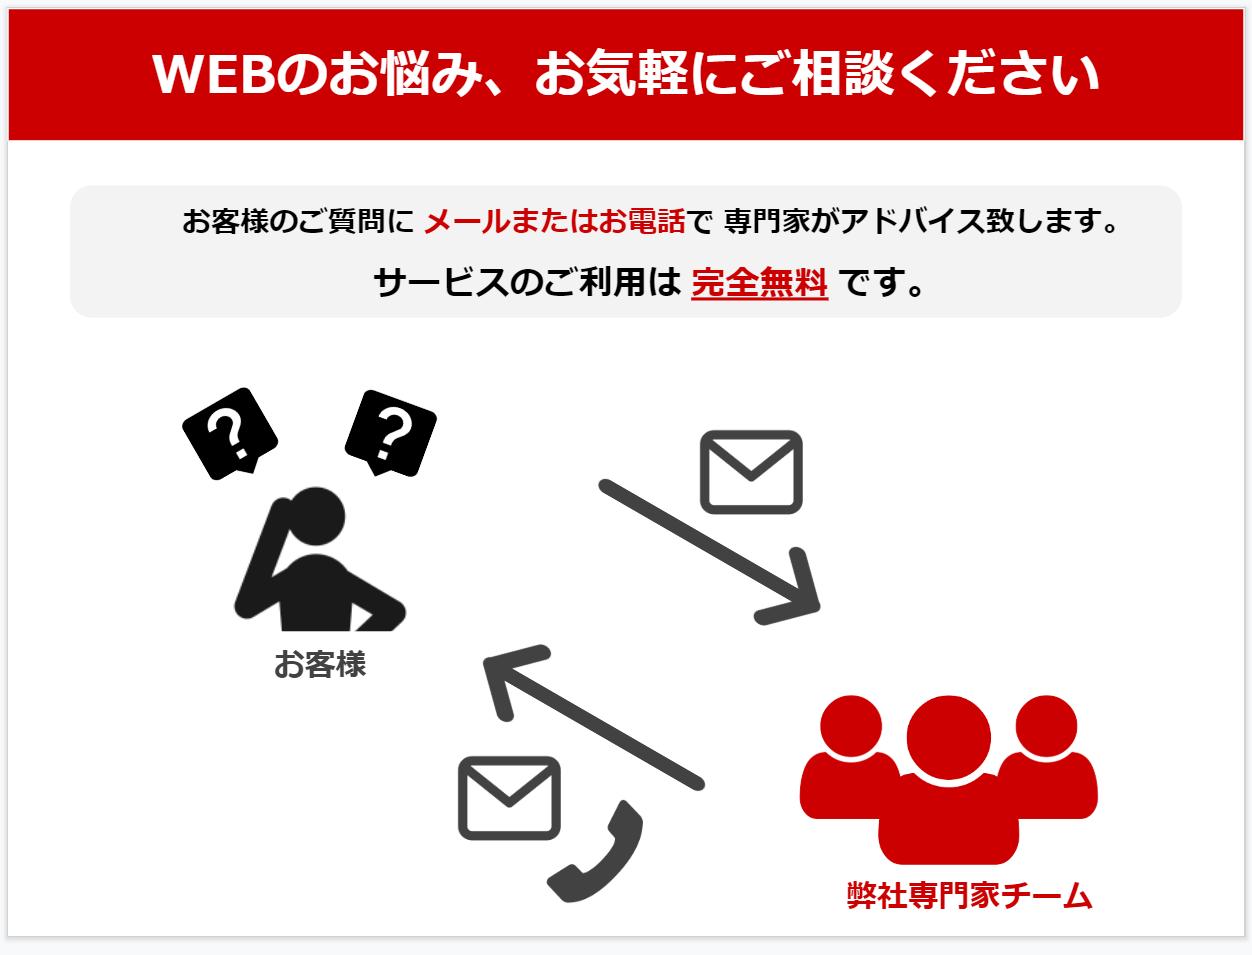 WEBのお悩み、お気軽にご相談ください